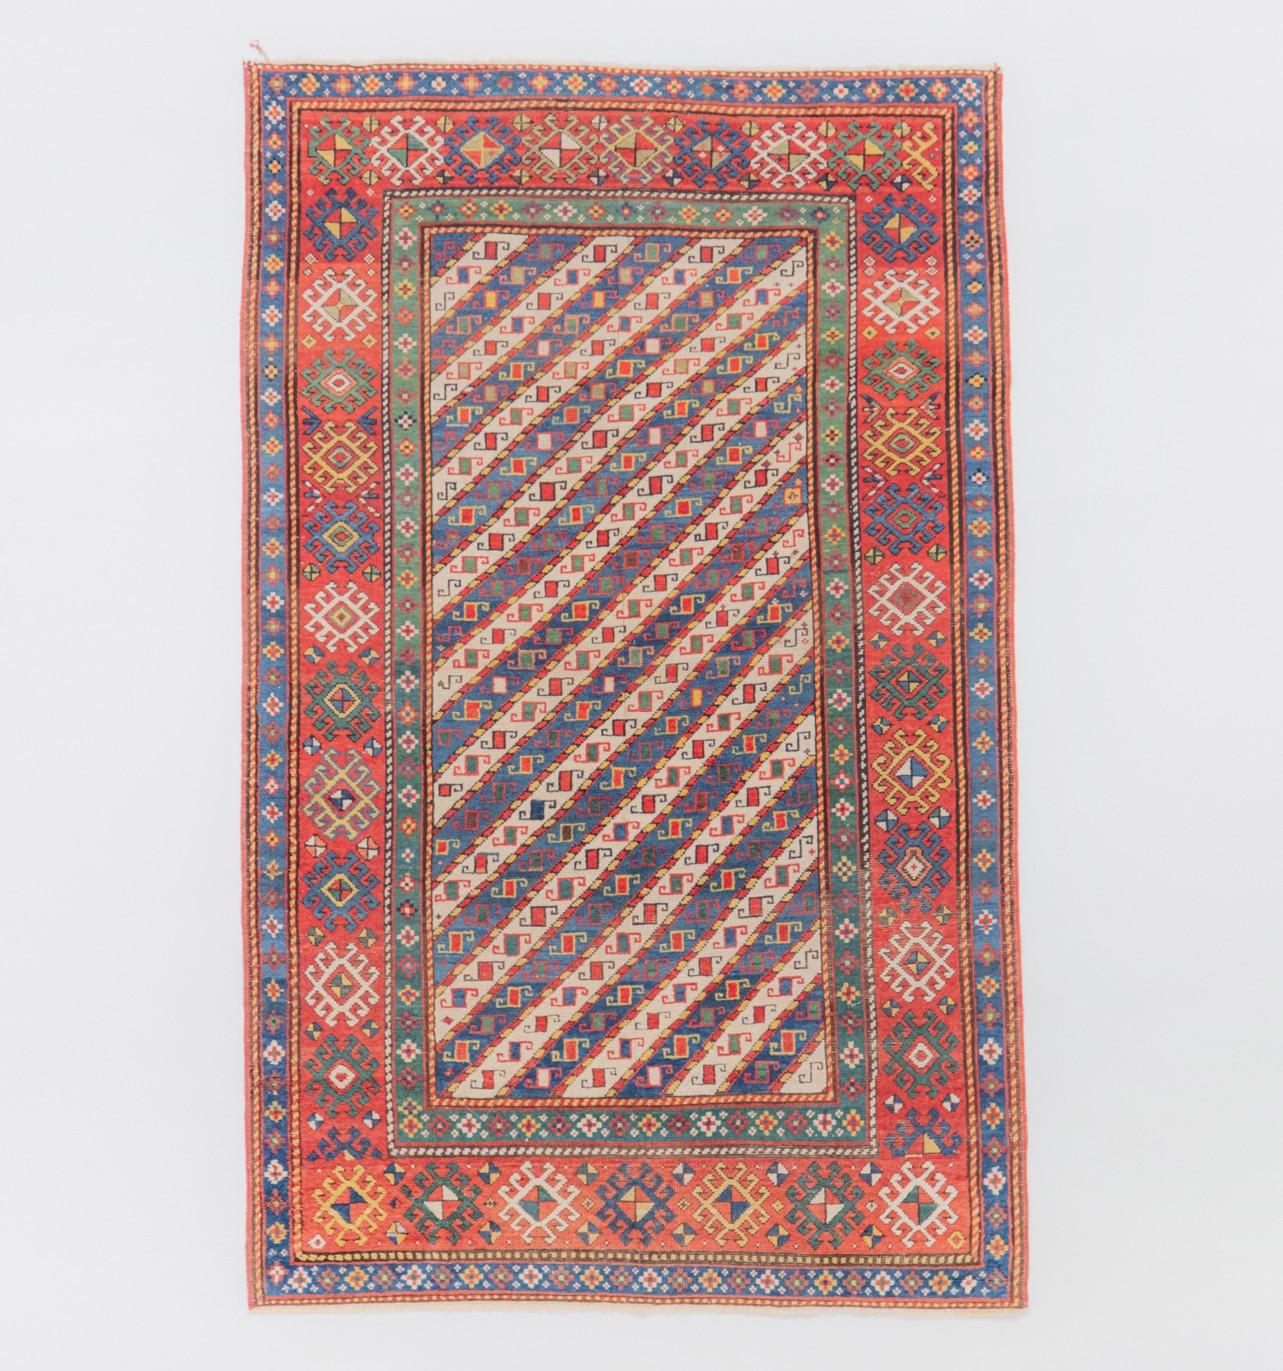 A mid 19th century Caucasian carpet, Circa 1840